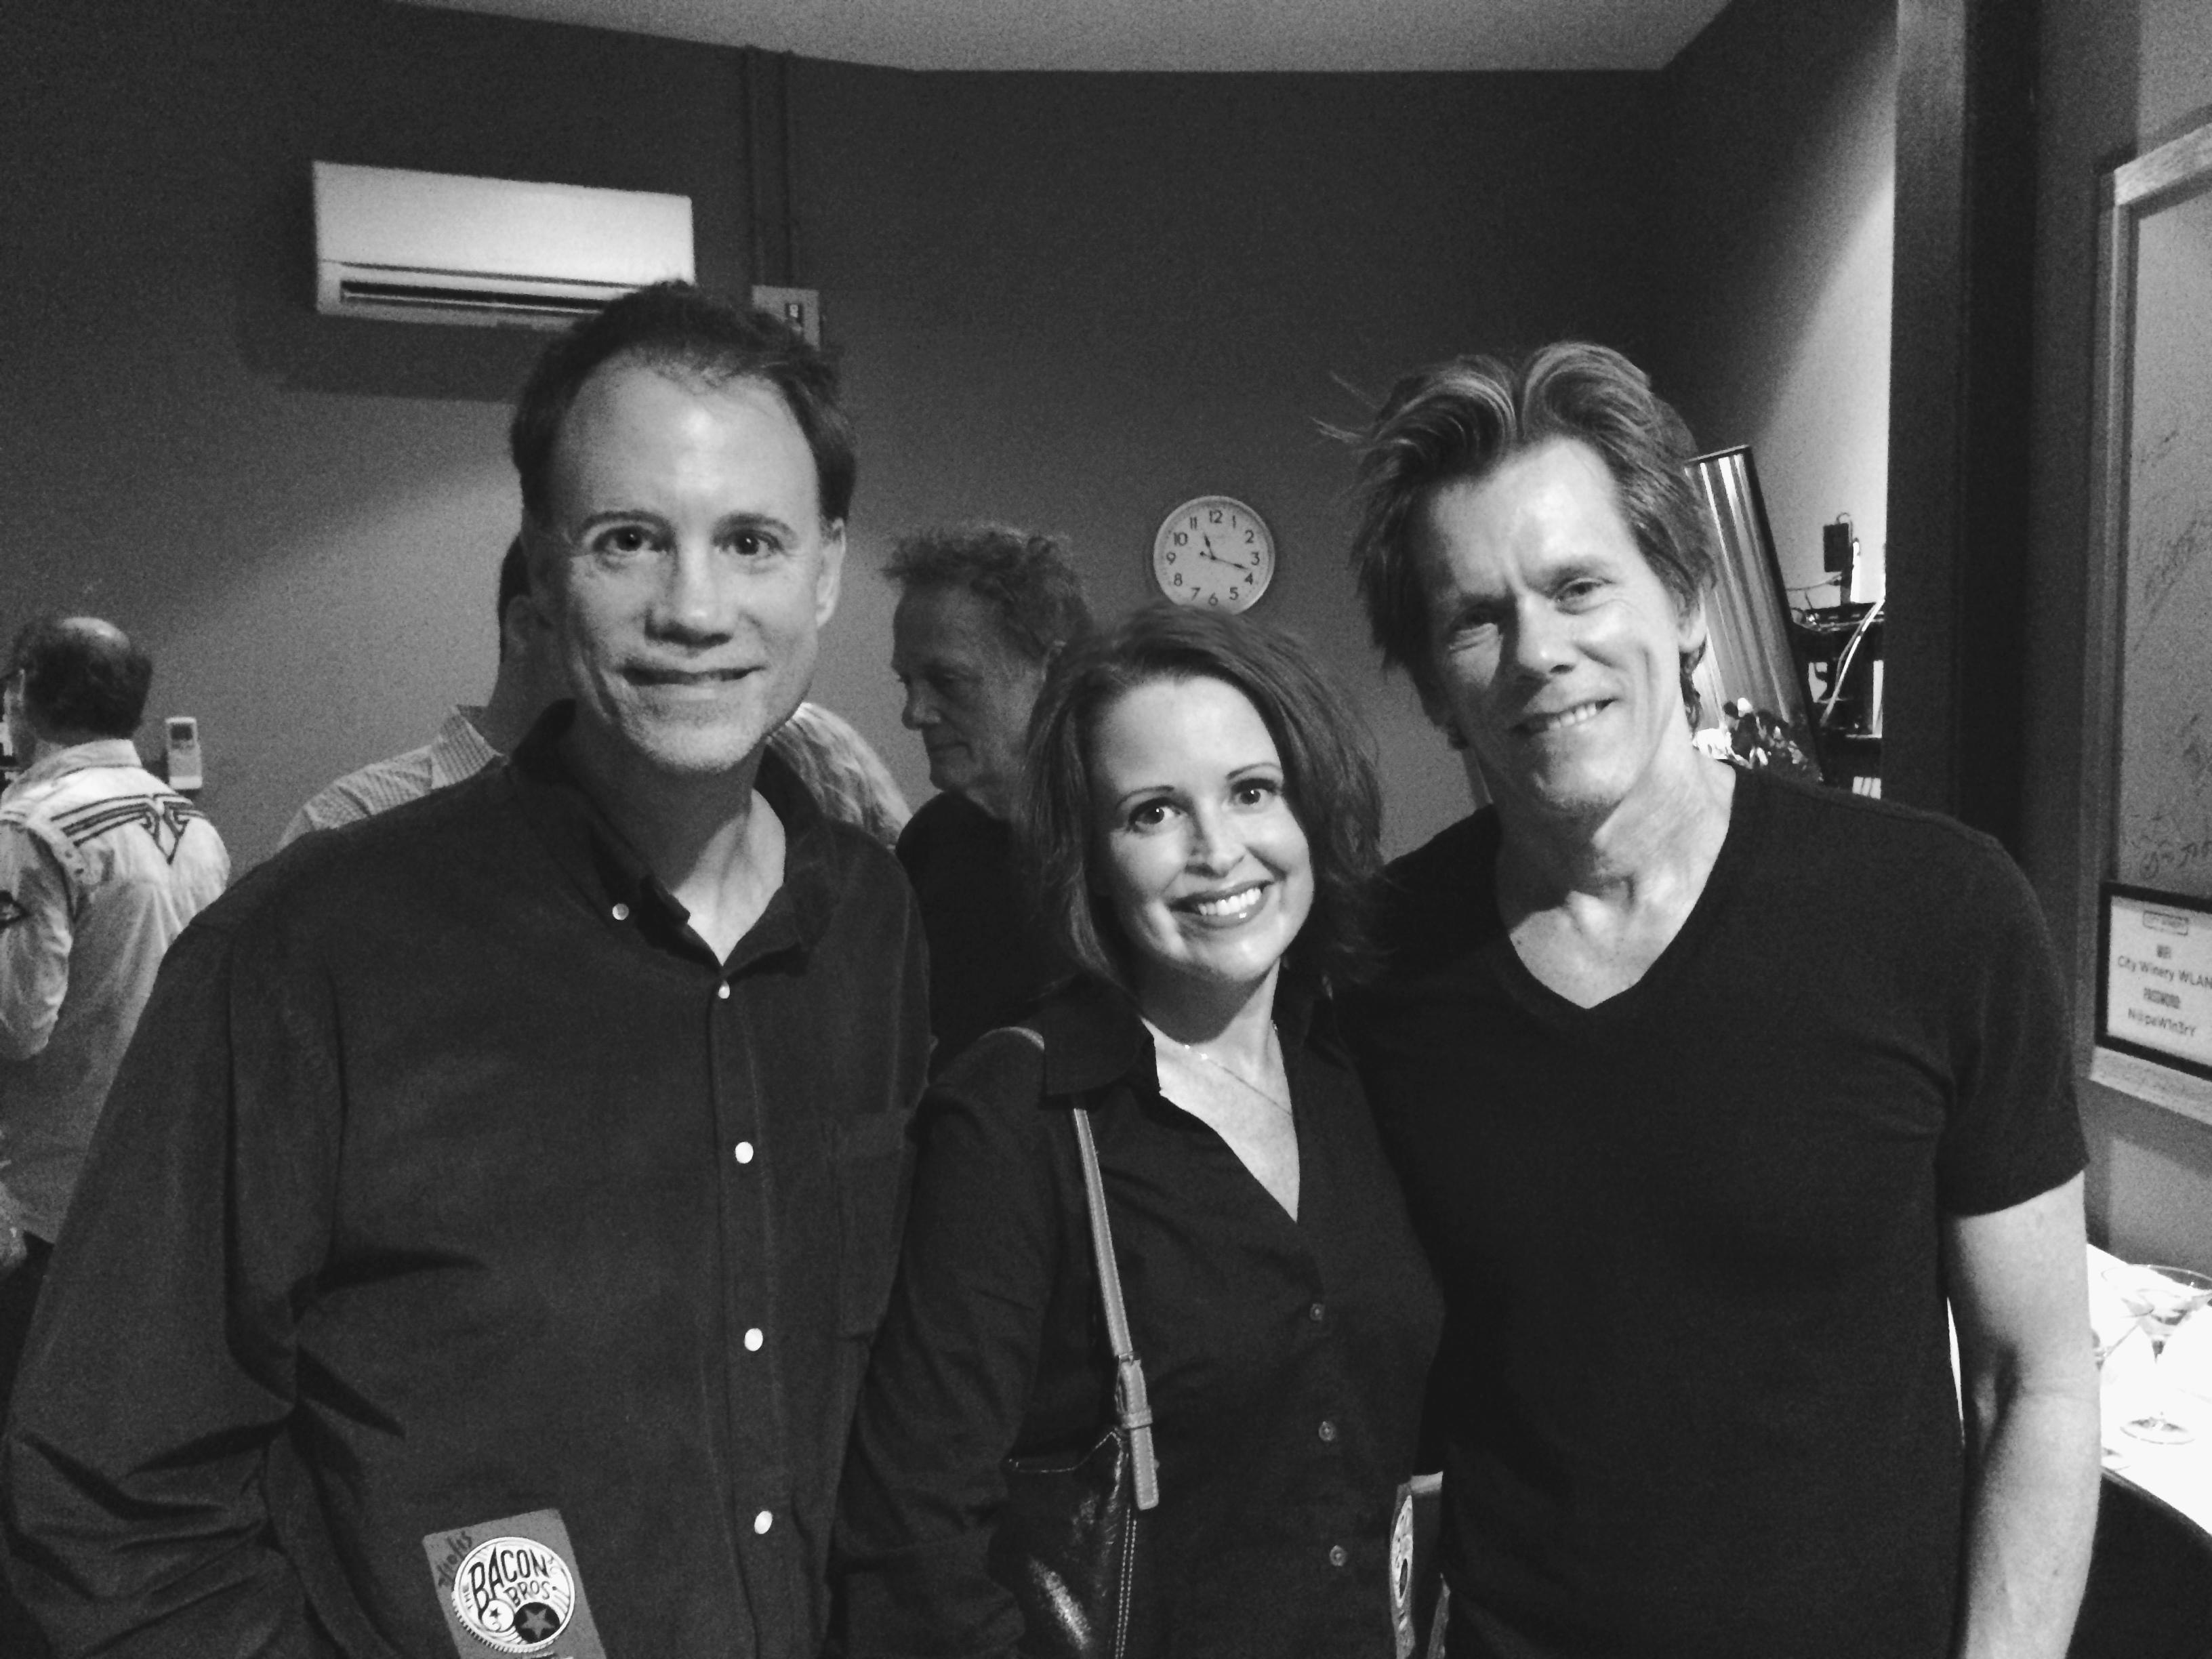 Shane, Melissa Barrett & Kevin Bacon